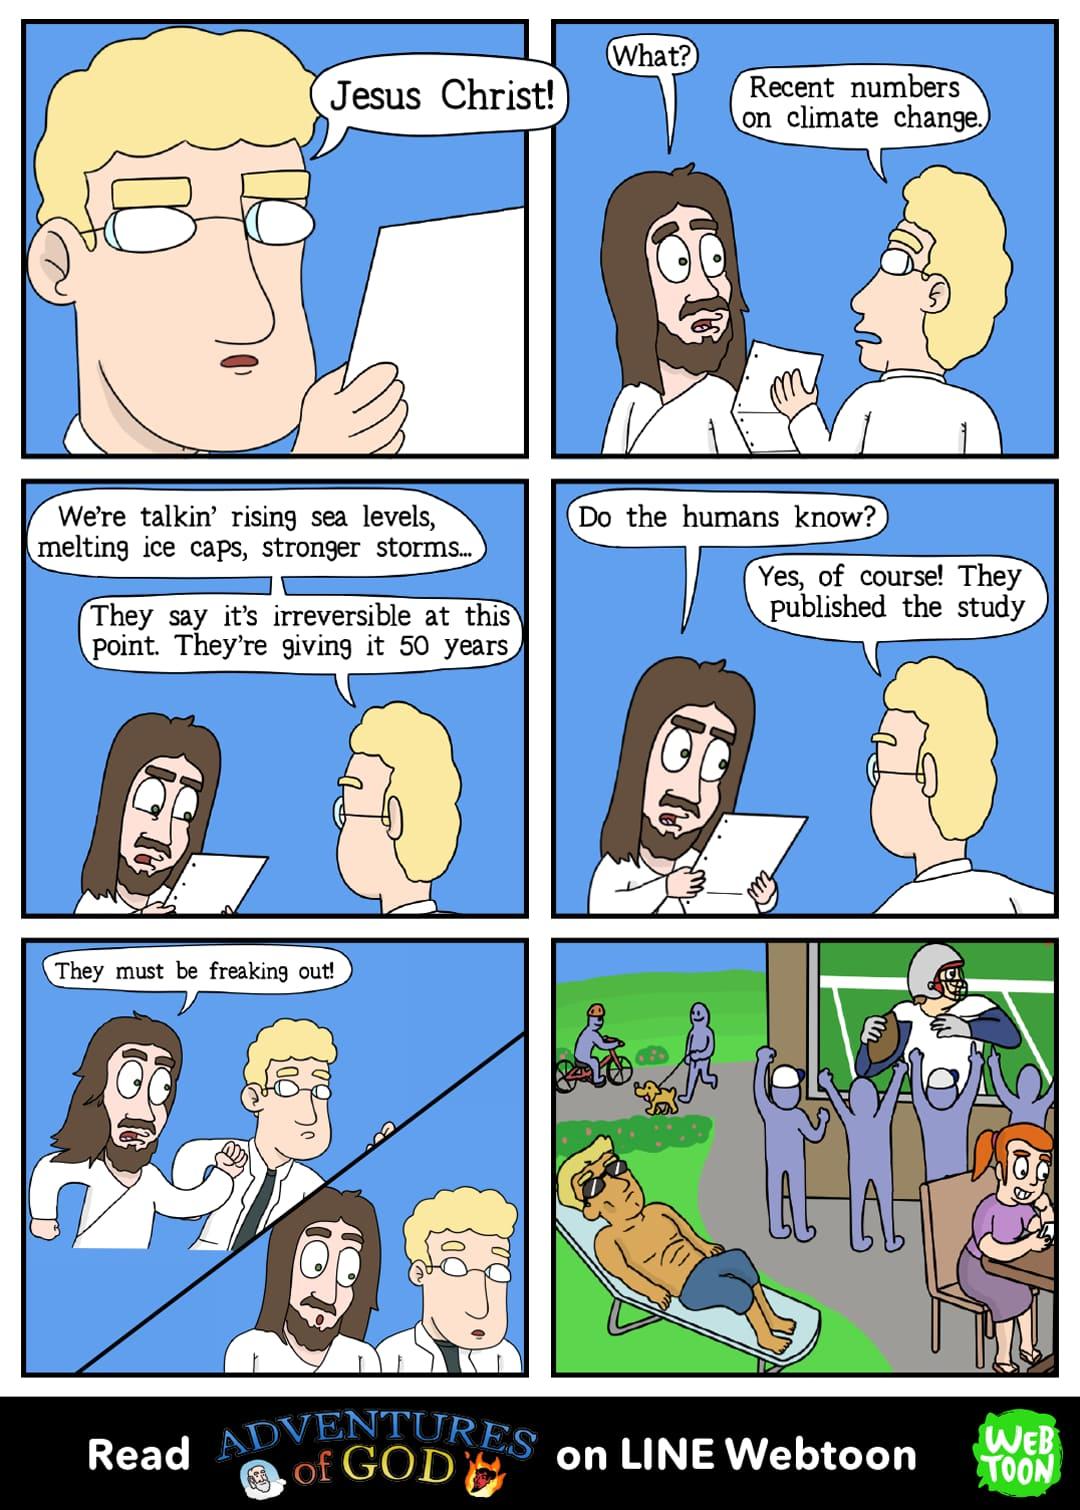 Quadrinho de humor contando as aventuras de Deus